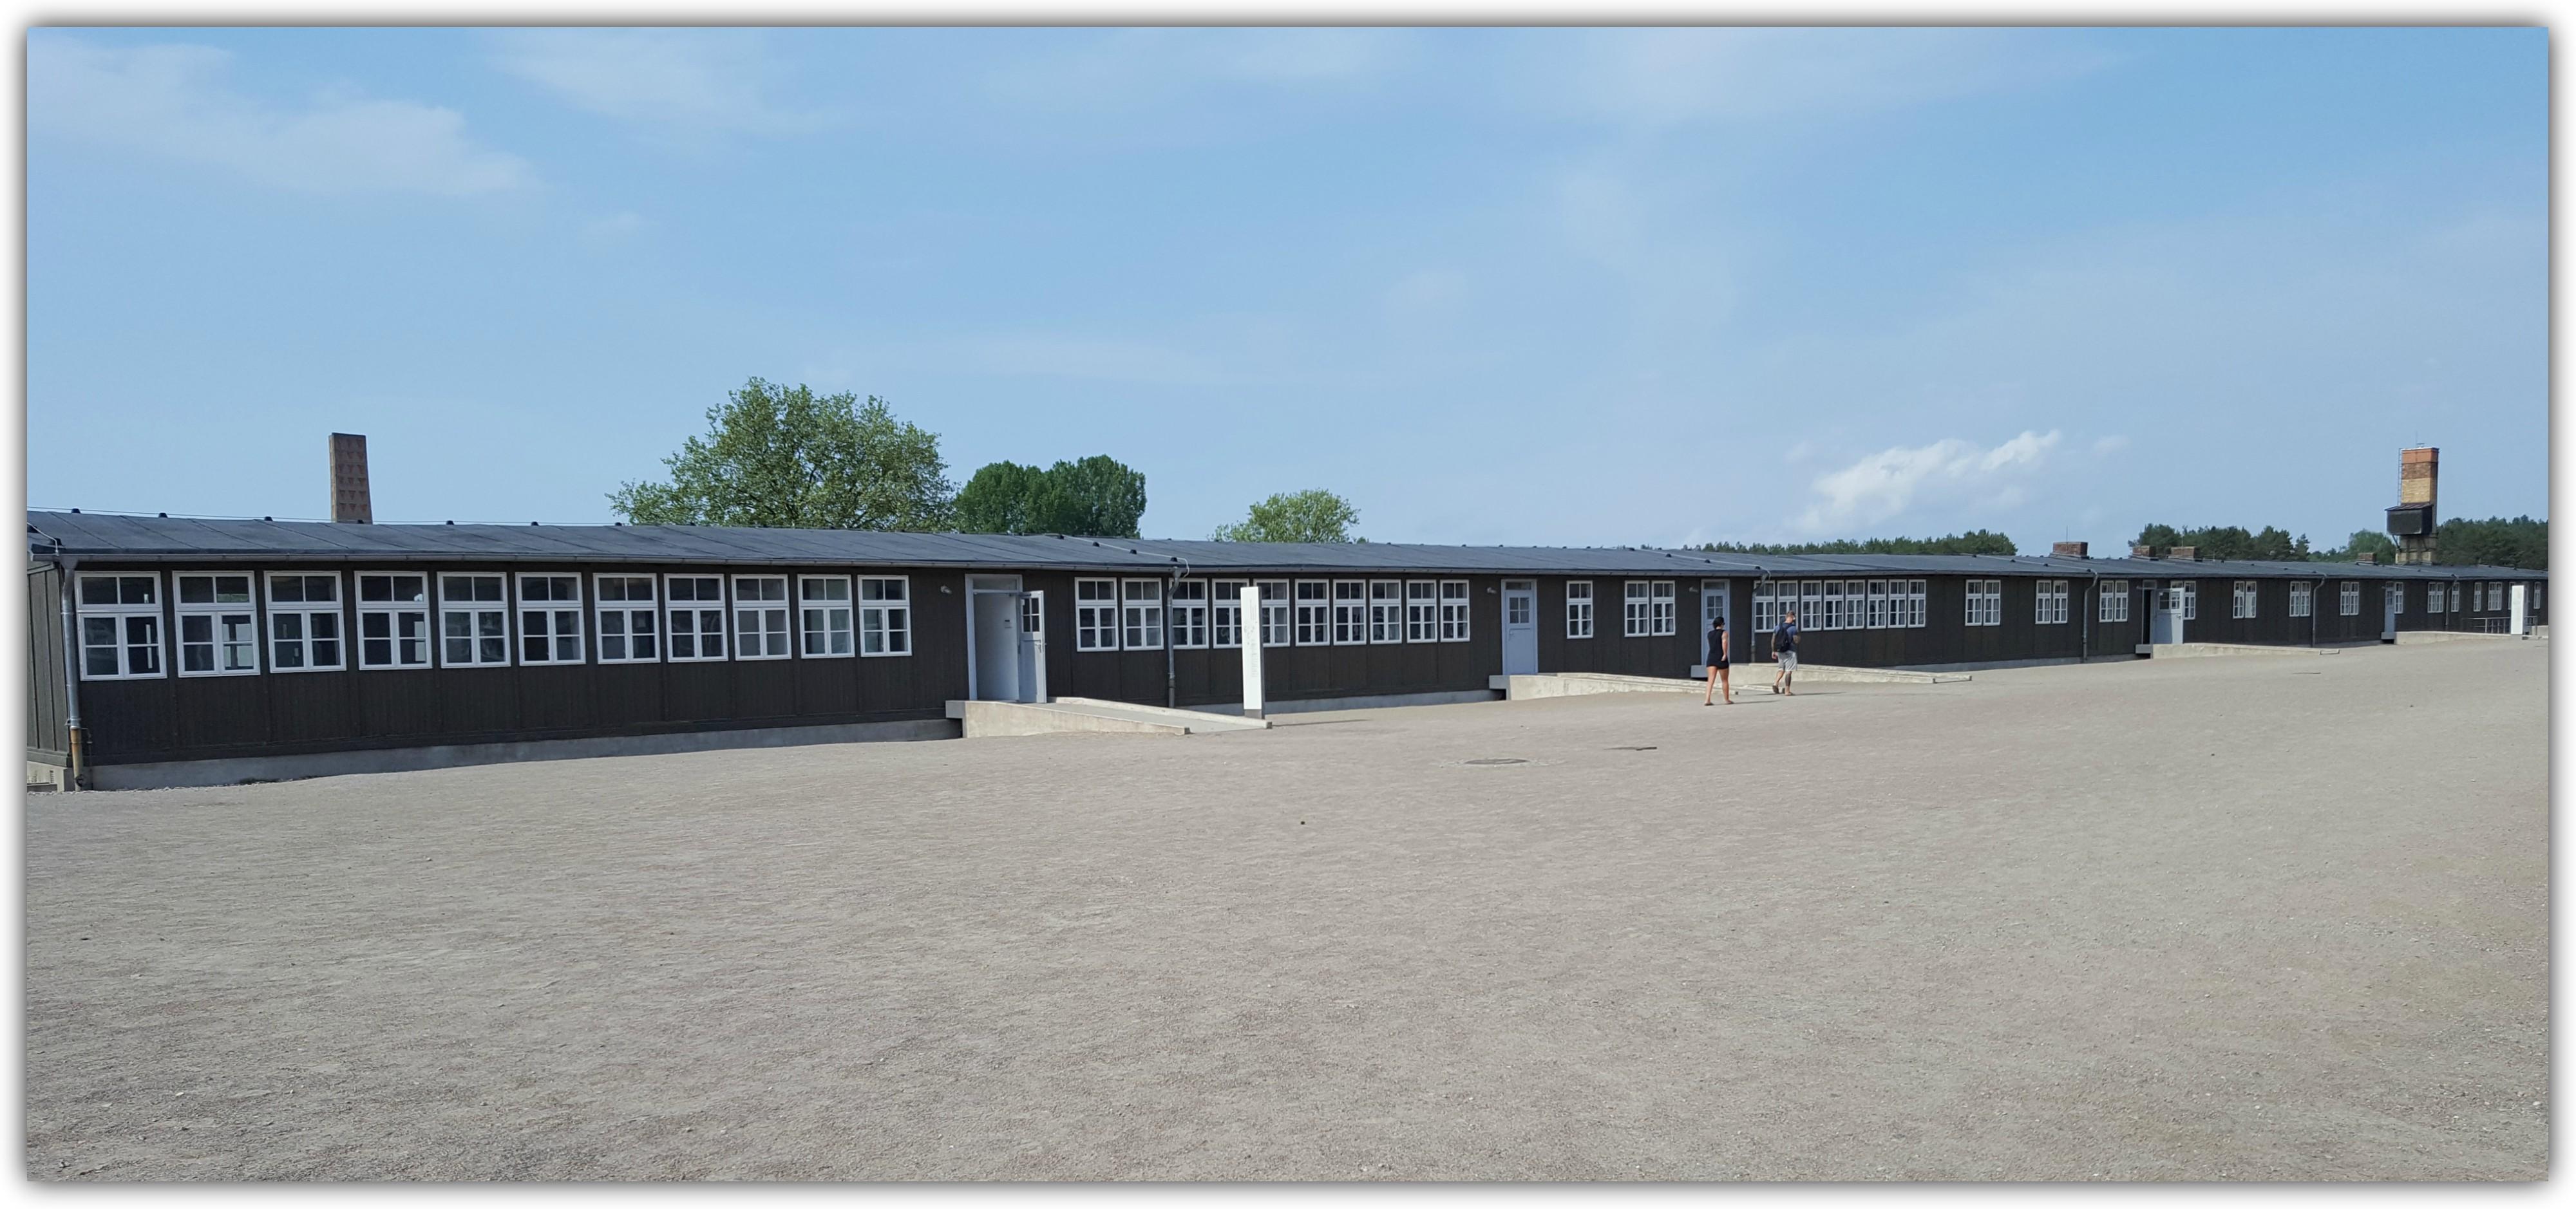 Campo de ConcentraciónSachsenhausen, Berlín